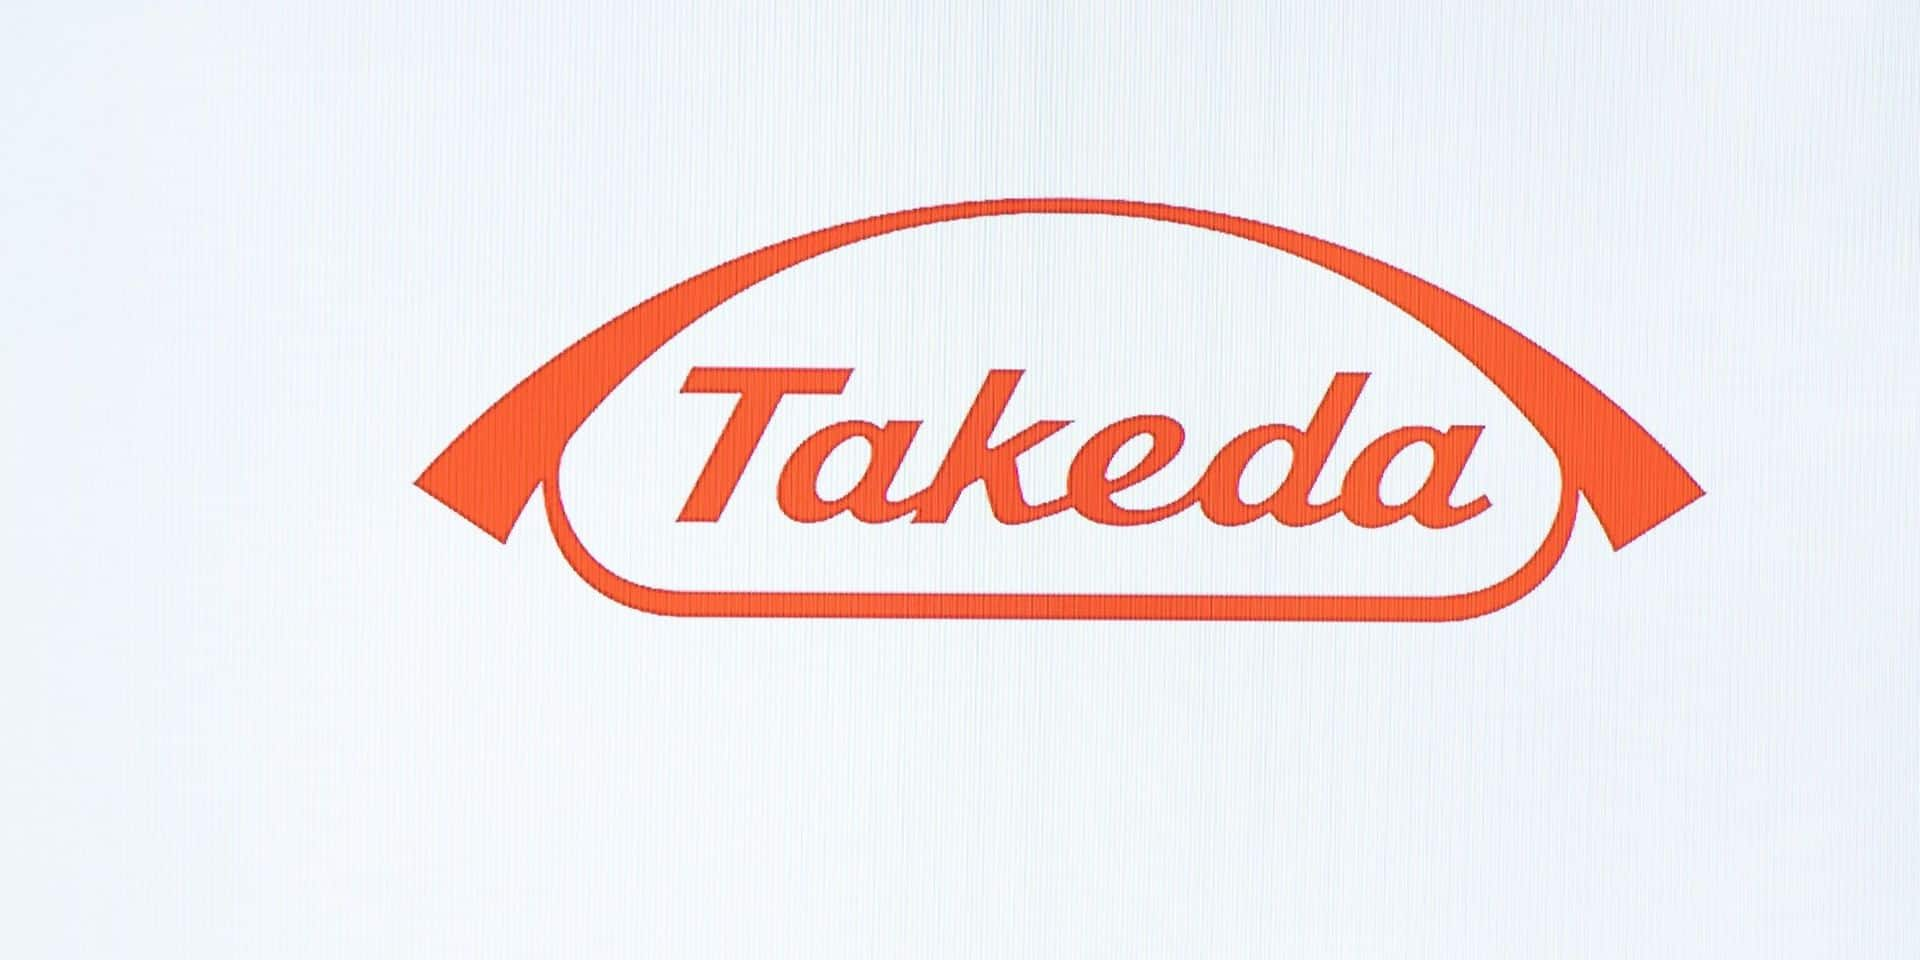 Le géant pharma Takeda se sépare de son activité historique au Japon